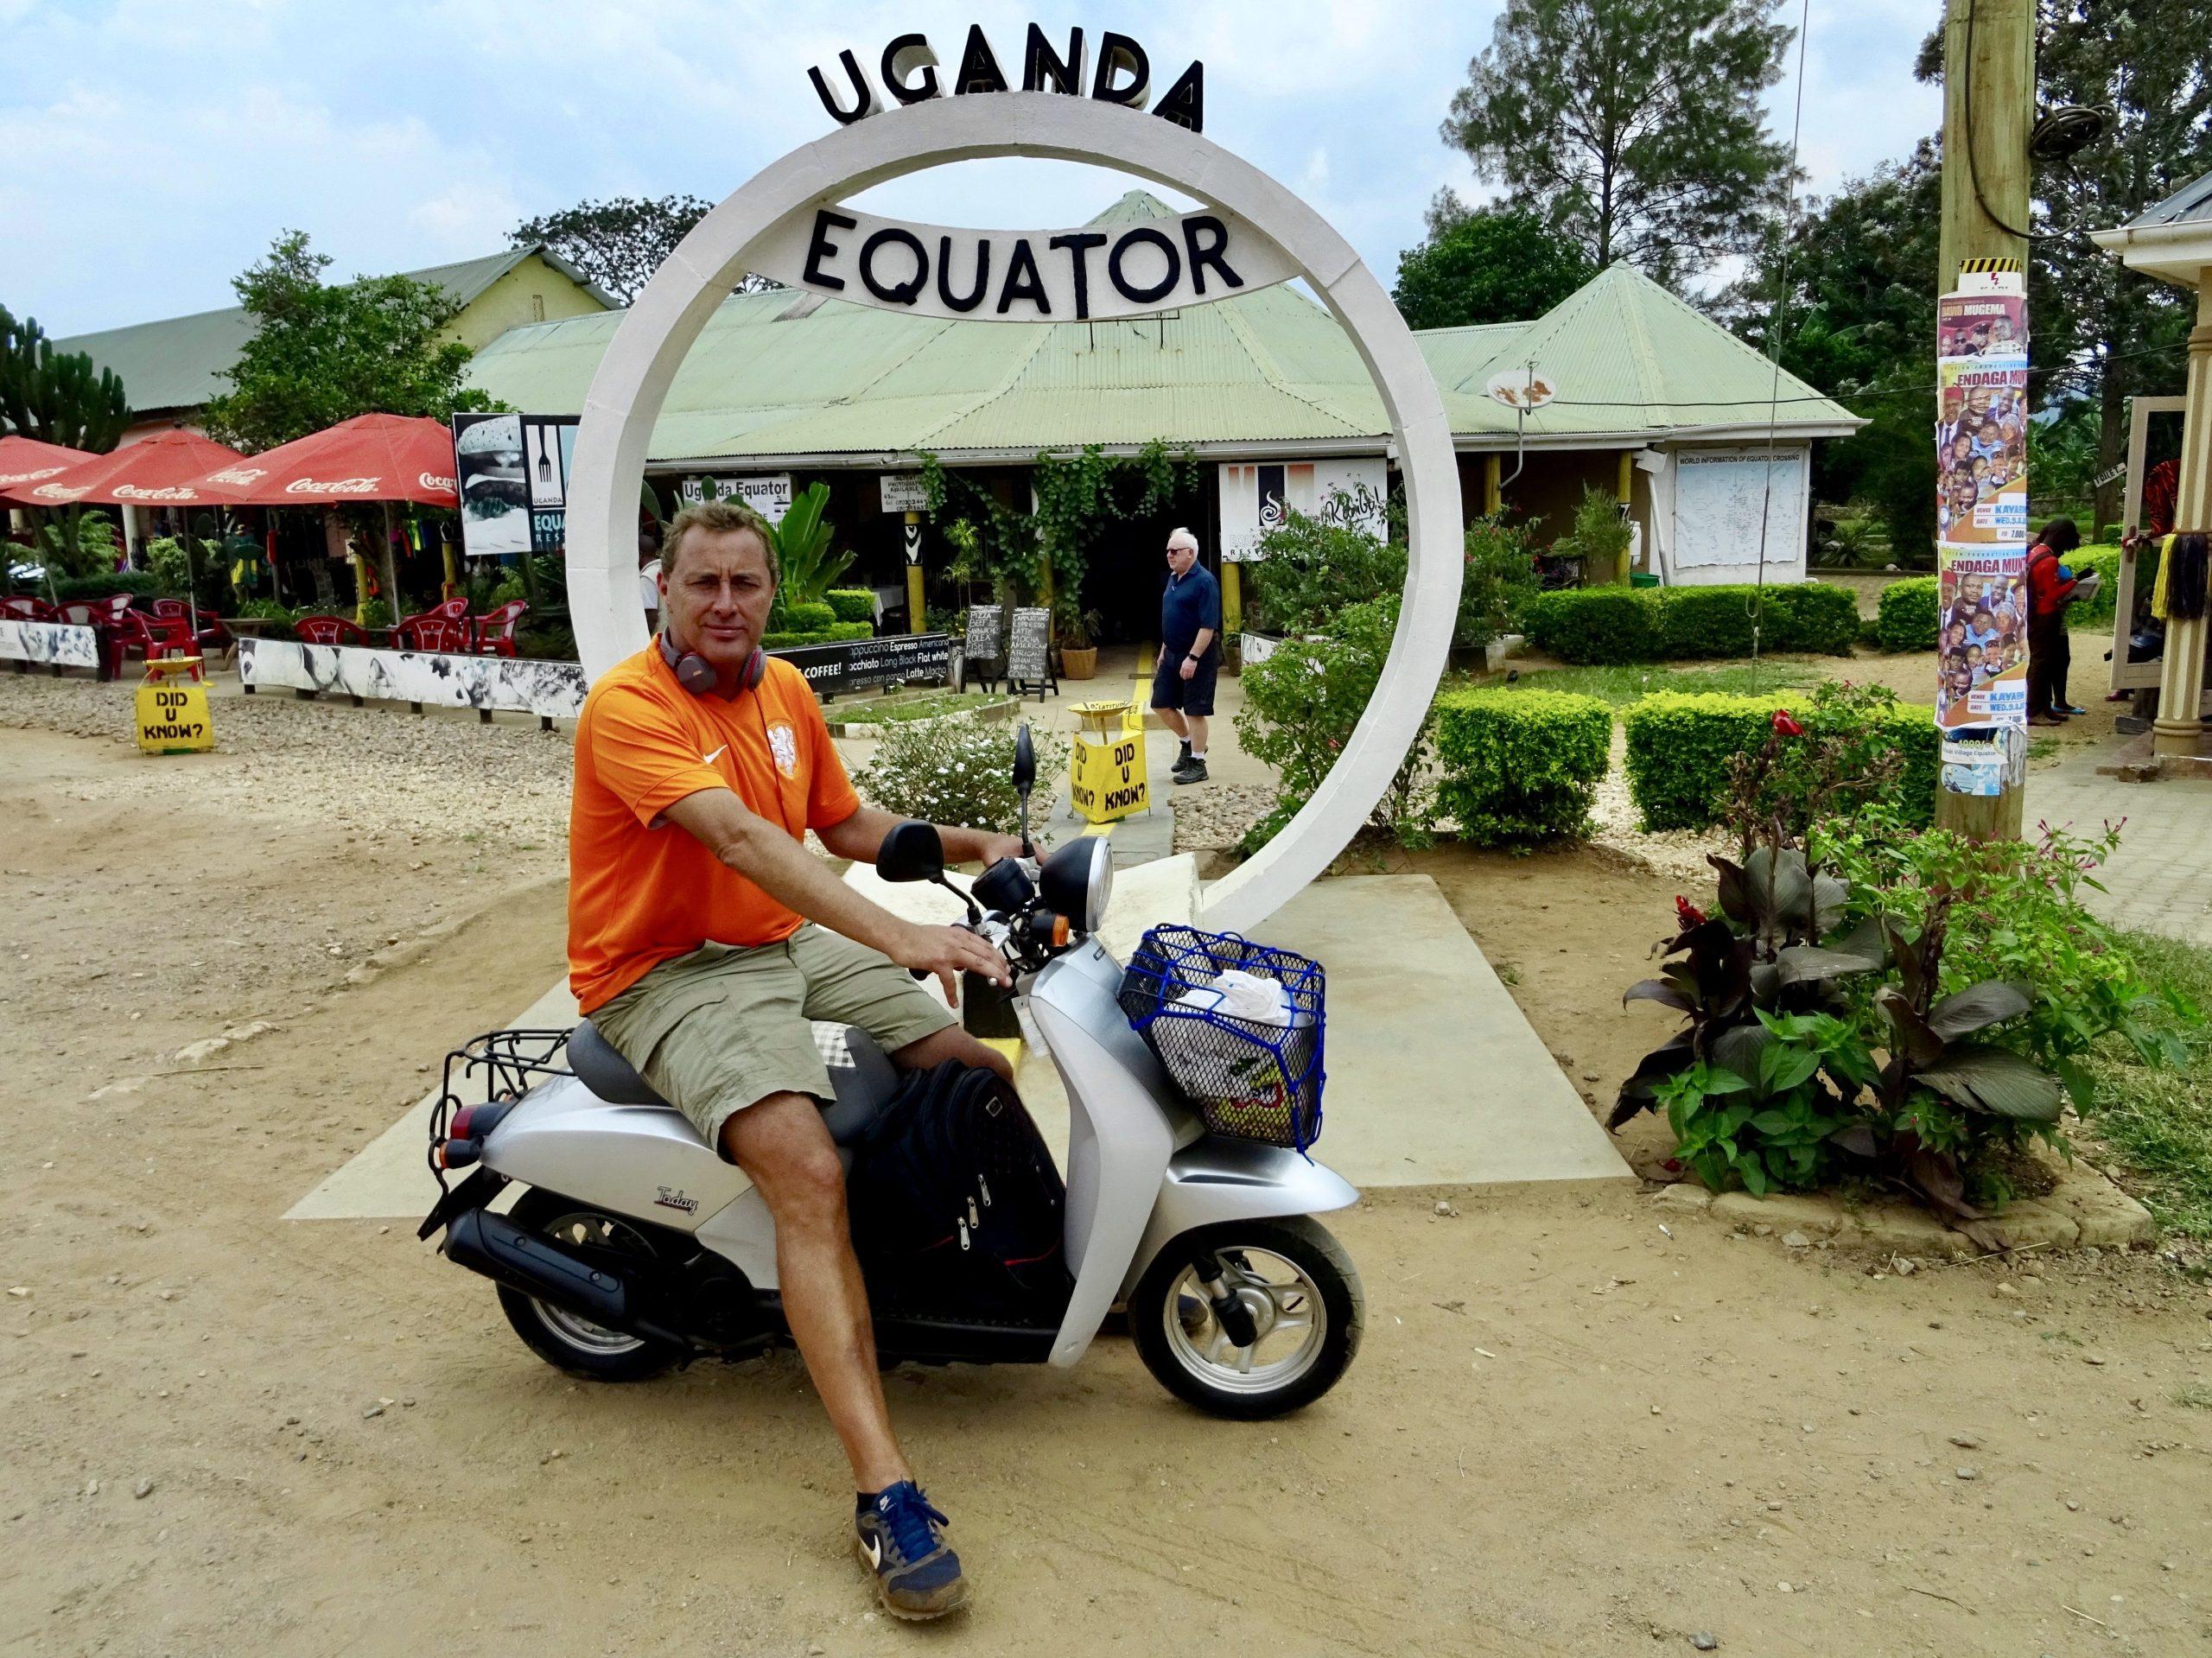 Met de scooter op de evenaar in Oeganda